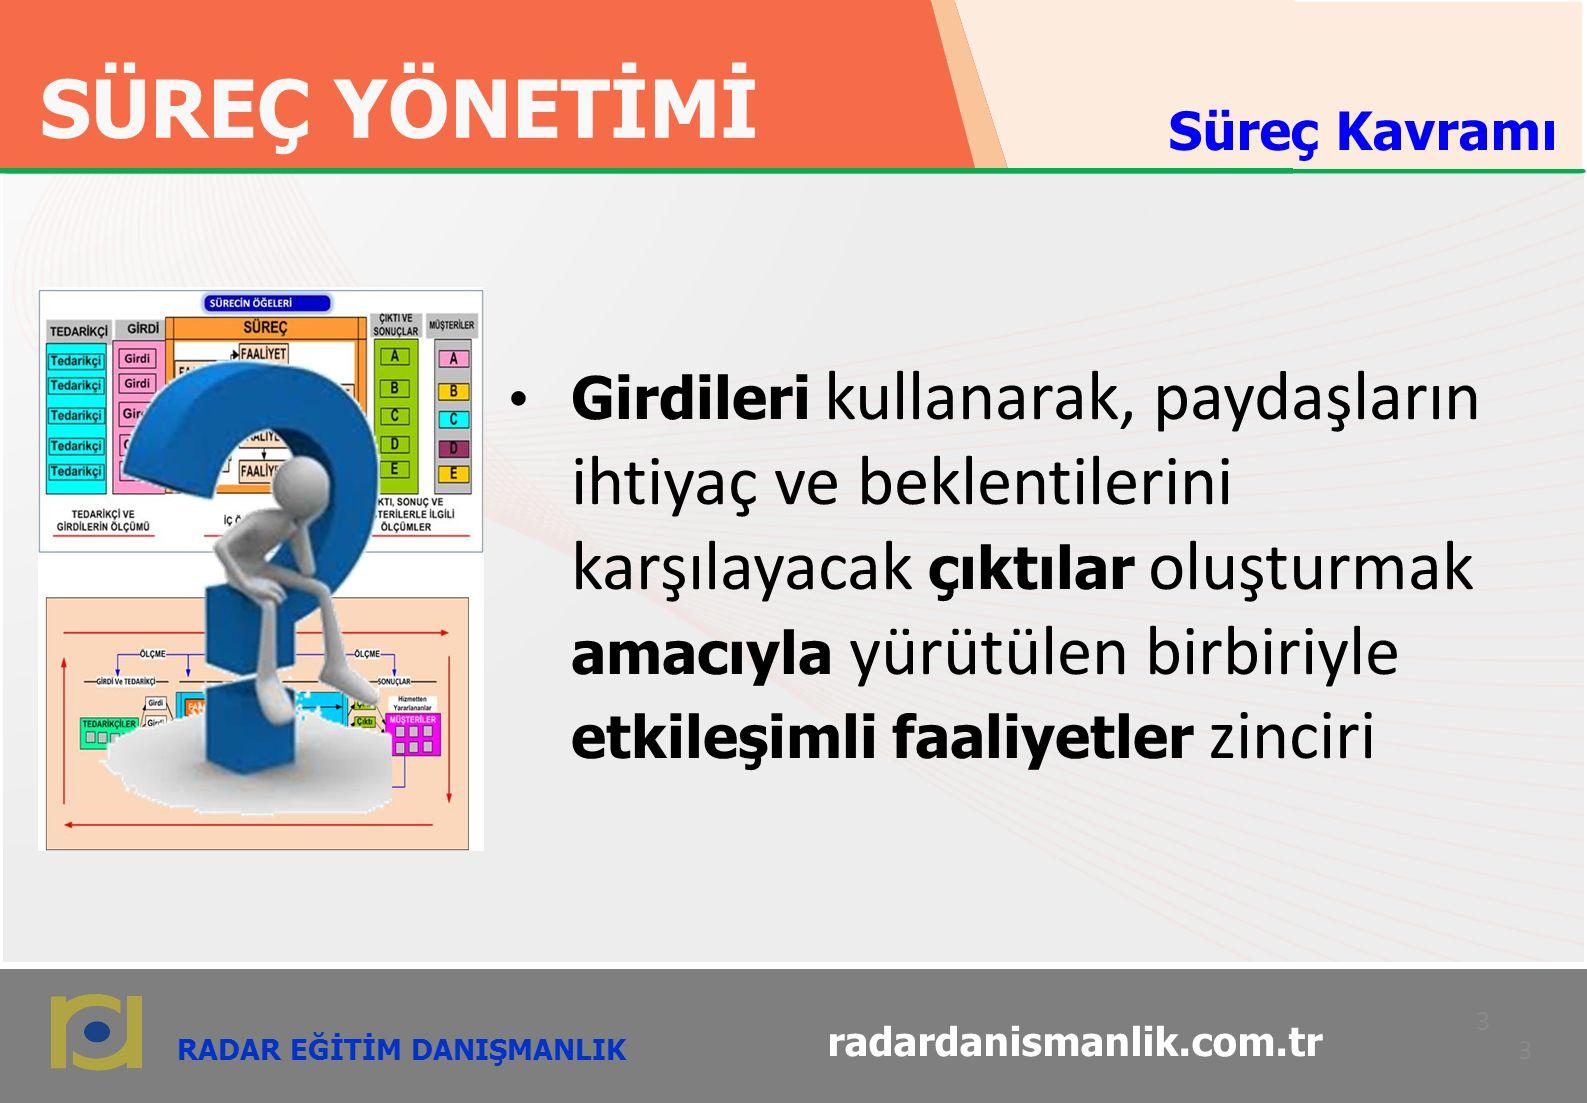 RADAR EĞİTİM DANIŞMANLIK SÜREÇ YÖNETİMİ 54 radardanismanlik.com.tr Süreç Tasarlama Yaklaşımları ELDE EDİLEN SONUÇ VE ÇIKTILAR